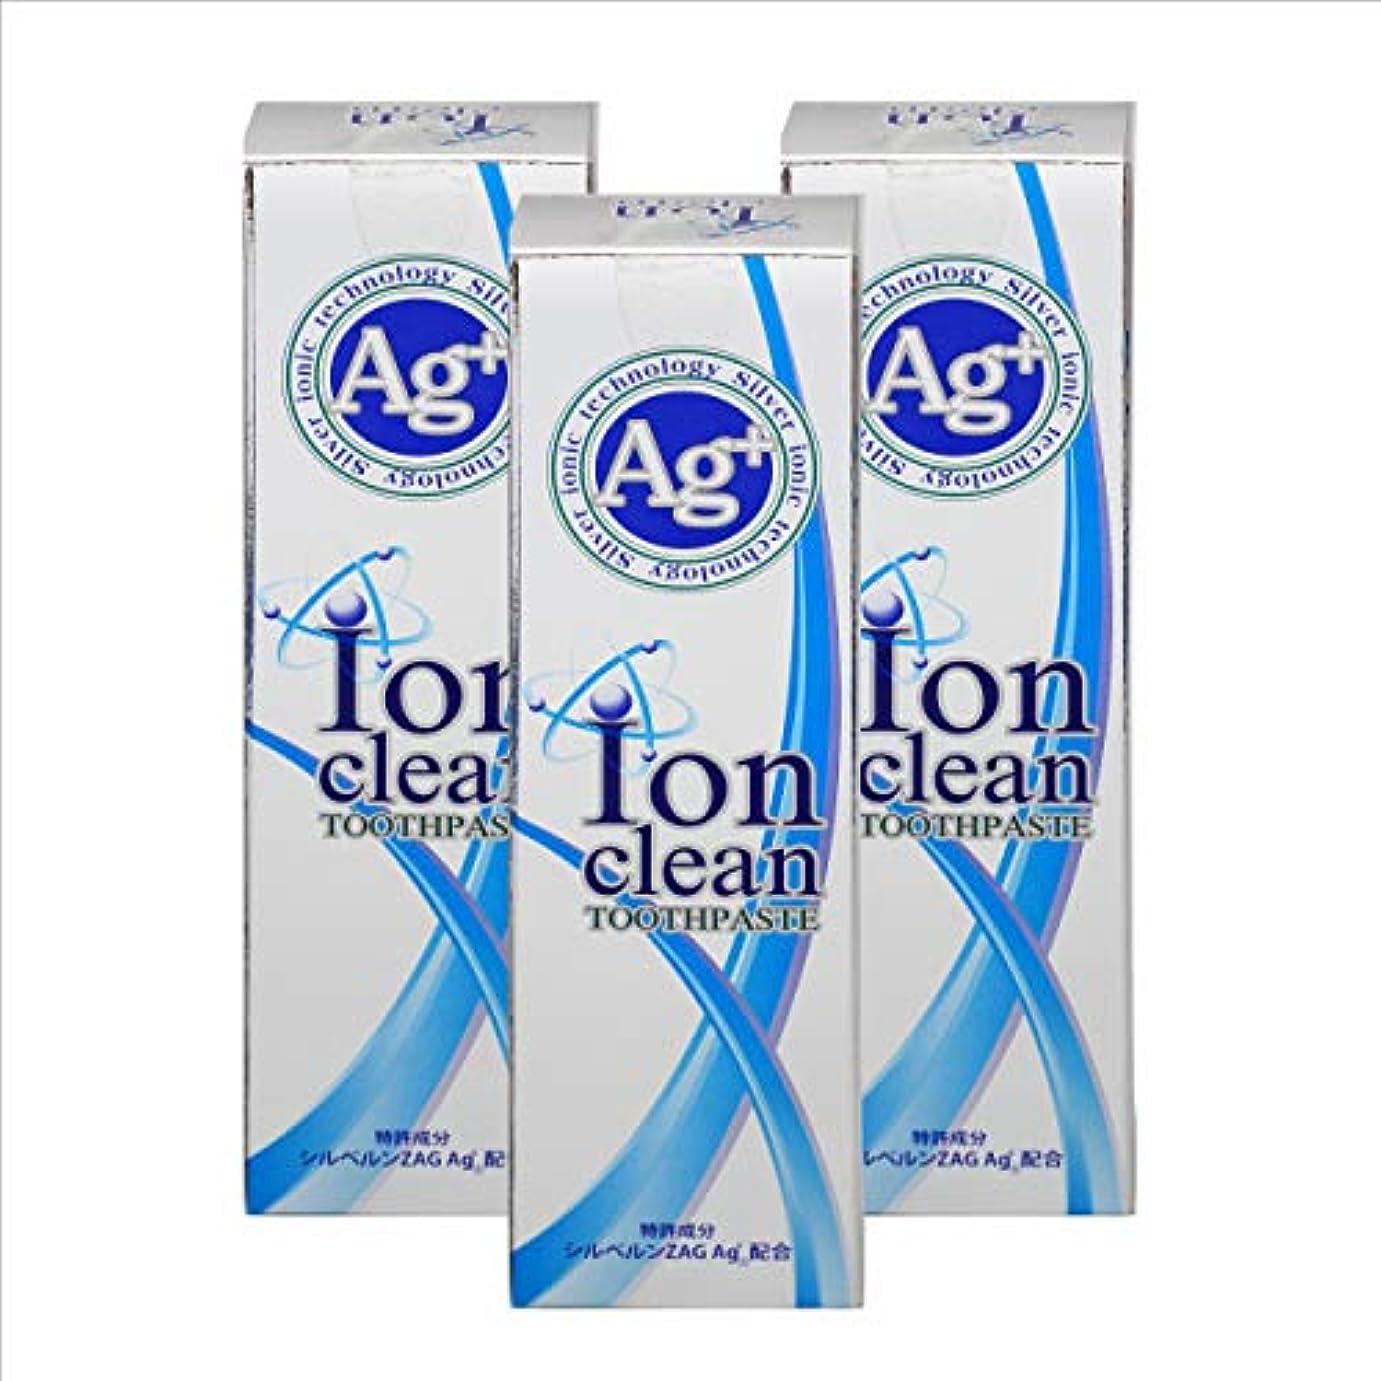 快い反応する浸透する銀イオン配合歯磨き粉イオンクリーン 100g 3本セット(電動歯ブラシ特典つき) 口臭対策?歯周病ケアにおすすめ